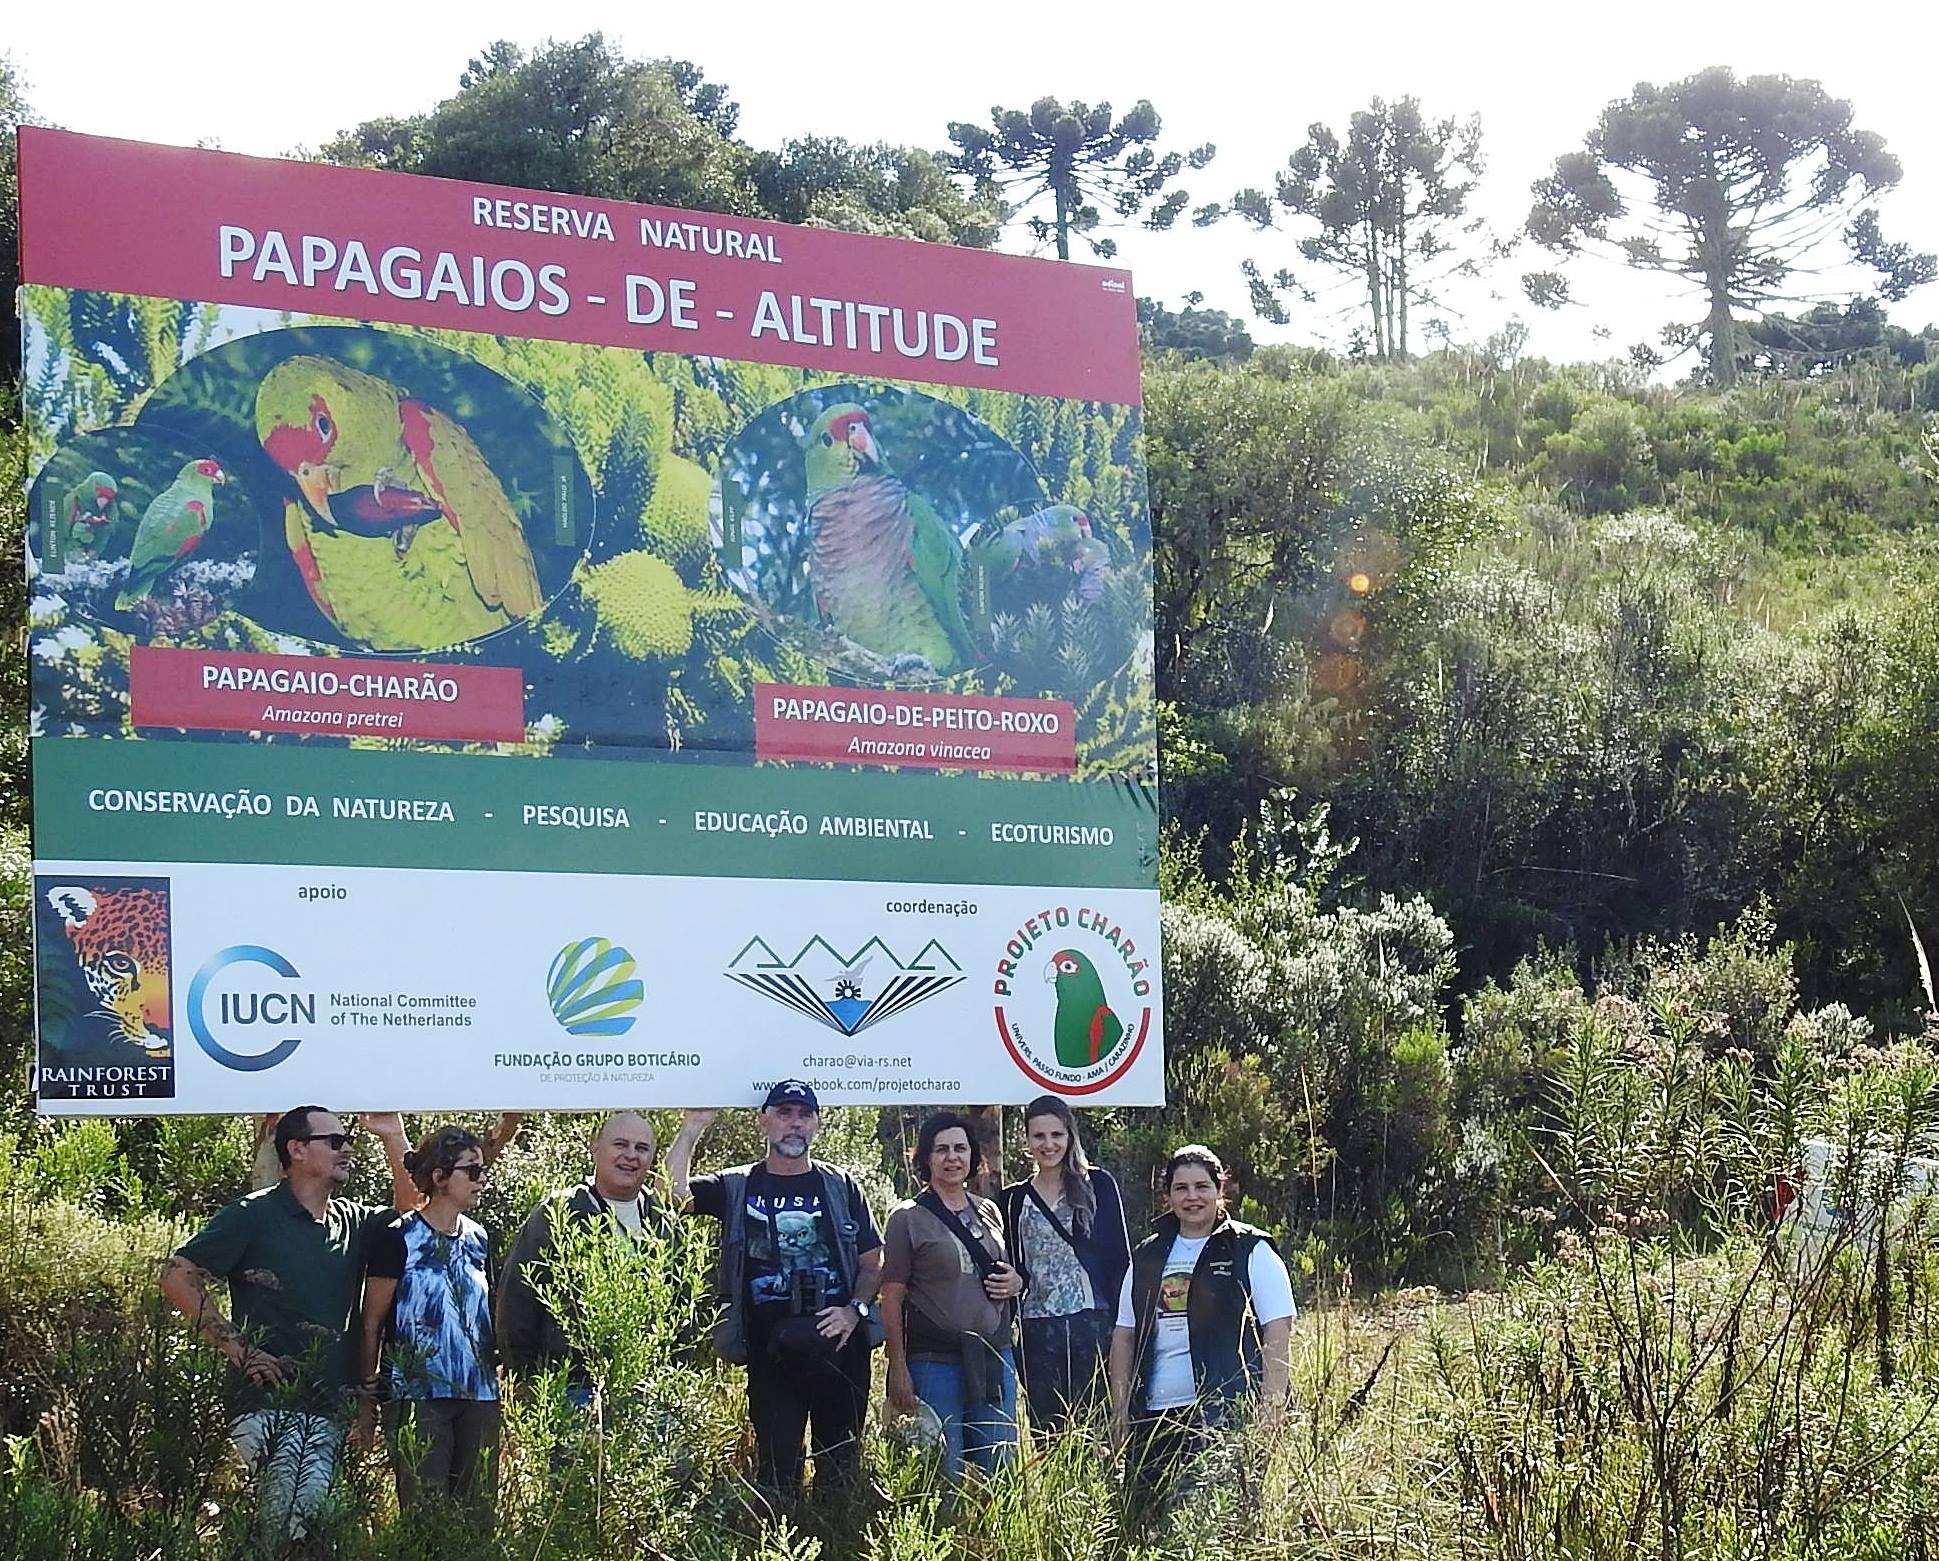 Em 14 de abril será inaugurada a Reserva Particular do Patrimônio Natural (RPPN) federal Papagaios-de-altitude, em Urupema (SC). Mais do que uma conquista válida para o meio ambiente, a área marca 25 anos de parceria entre pesquisadores e instituições de apoio à conservação da natureza. A Associação Amigos do Meio Ambiente (AMA) e a Fundação Grupo Boticário de Proteção à Natureza, desde 1993, atuam na conservação do papagaio-charão (Amazona pretrei) e do papagaio-do-peito-roxo (Amazona vinacea) por meio de iniciativas realizadas no Rio Grande do Sul, Santa Catarina, Paraná e, mais recentemente, no Sudeste do País.